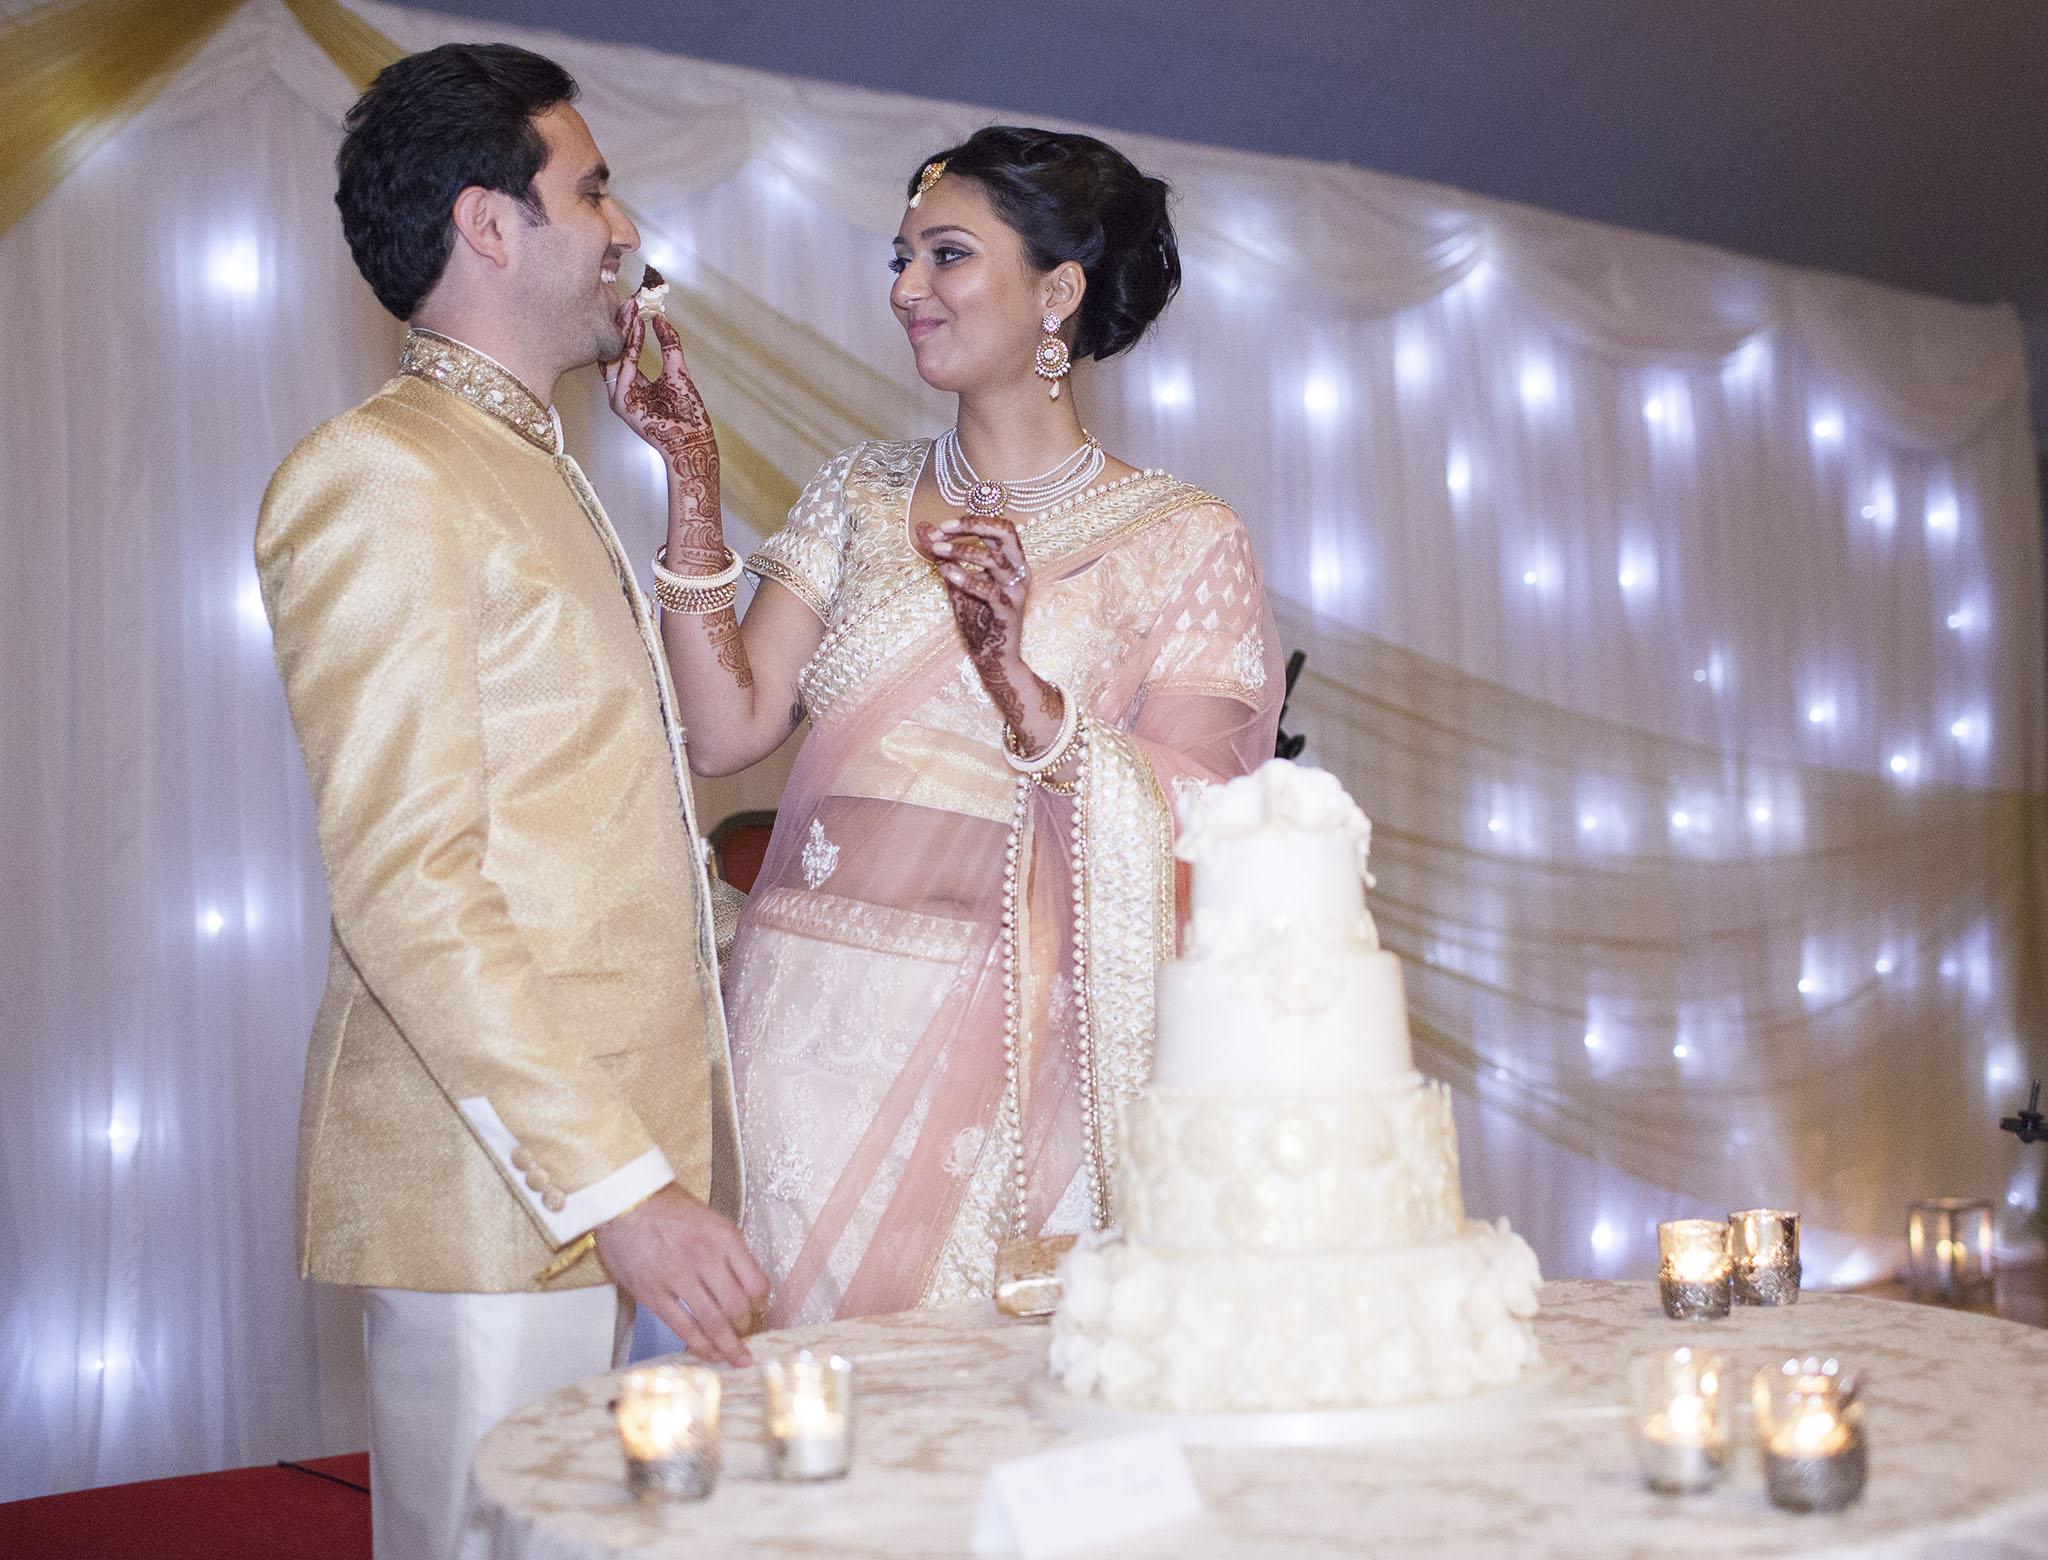 elizabethgphotography_kingslangley_hertfordshire_fineart_indian_wedding_photography_bhavesh_kundalata_bhaktivedanta_manor_watford_jpg69.jpg